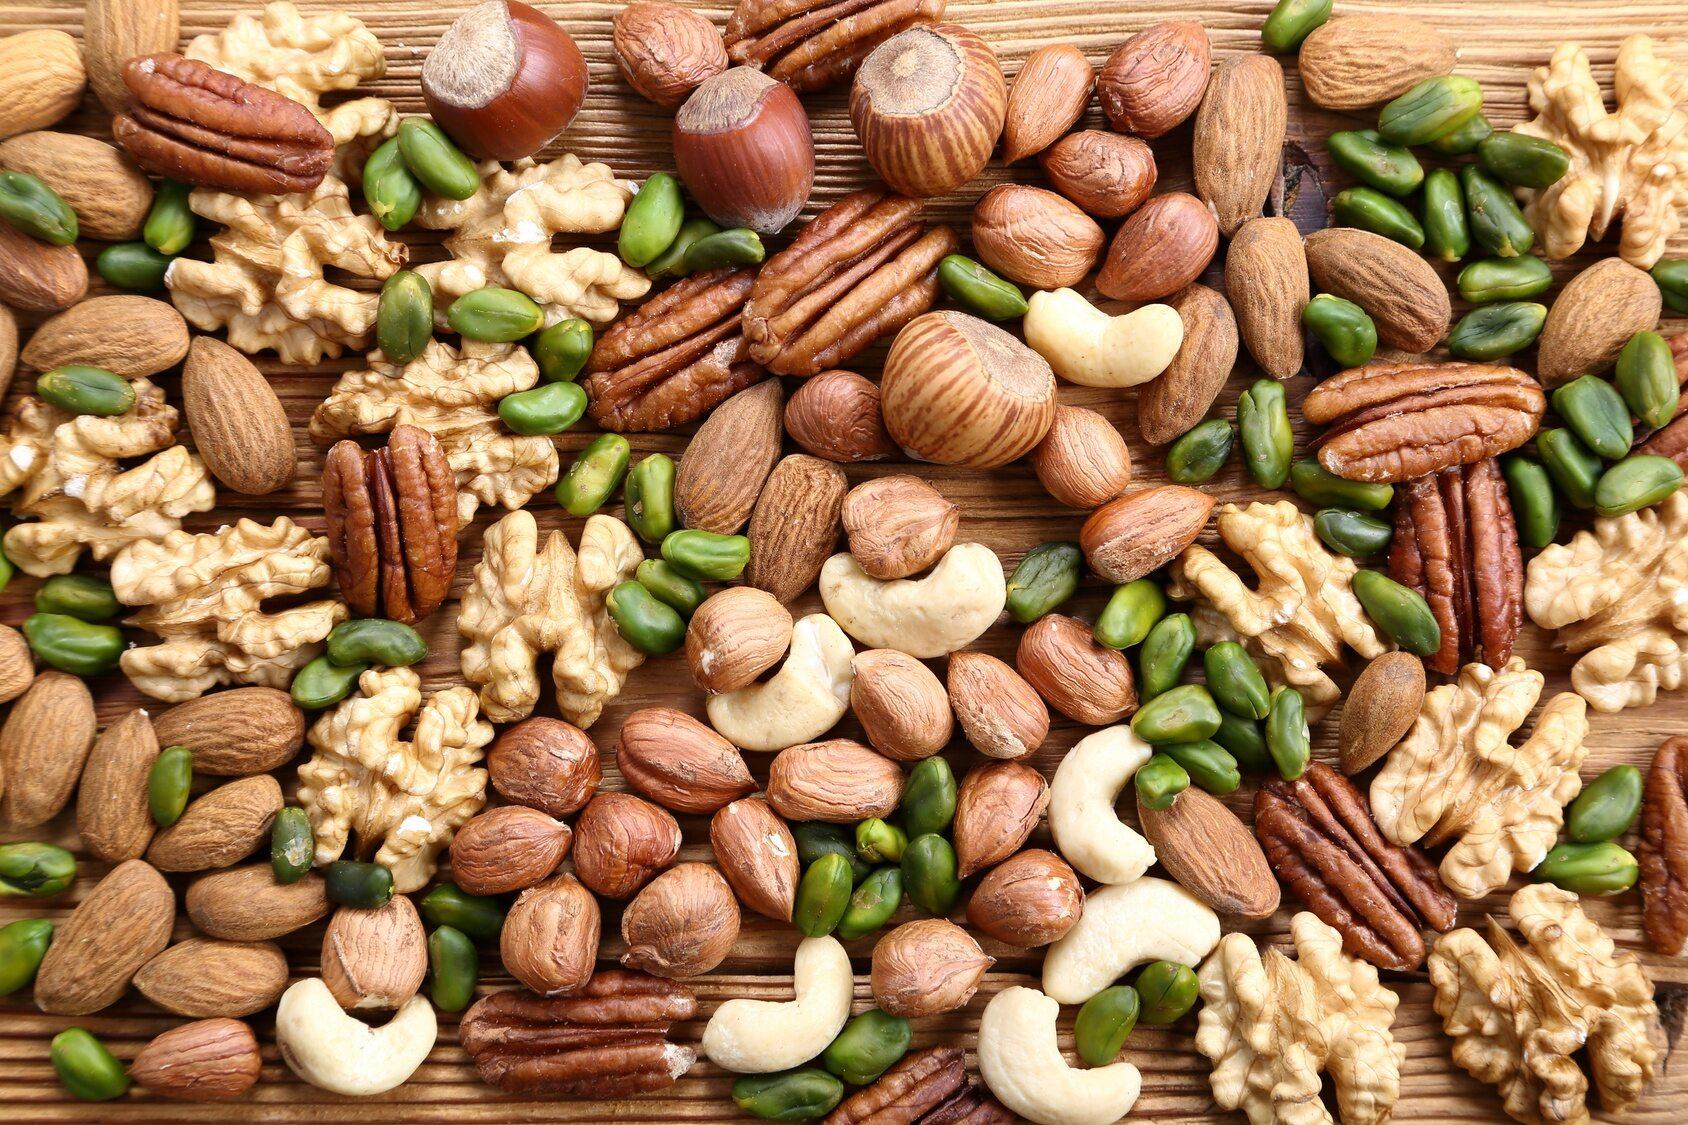 Jesteś na diecie i liczysz kalorie. Które orzechy mają ich najmniej?